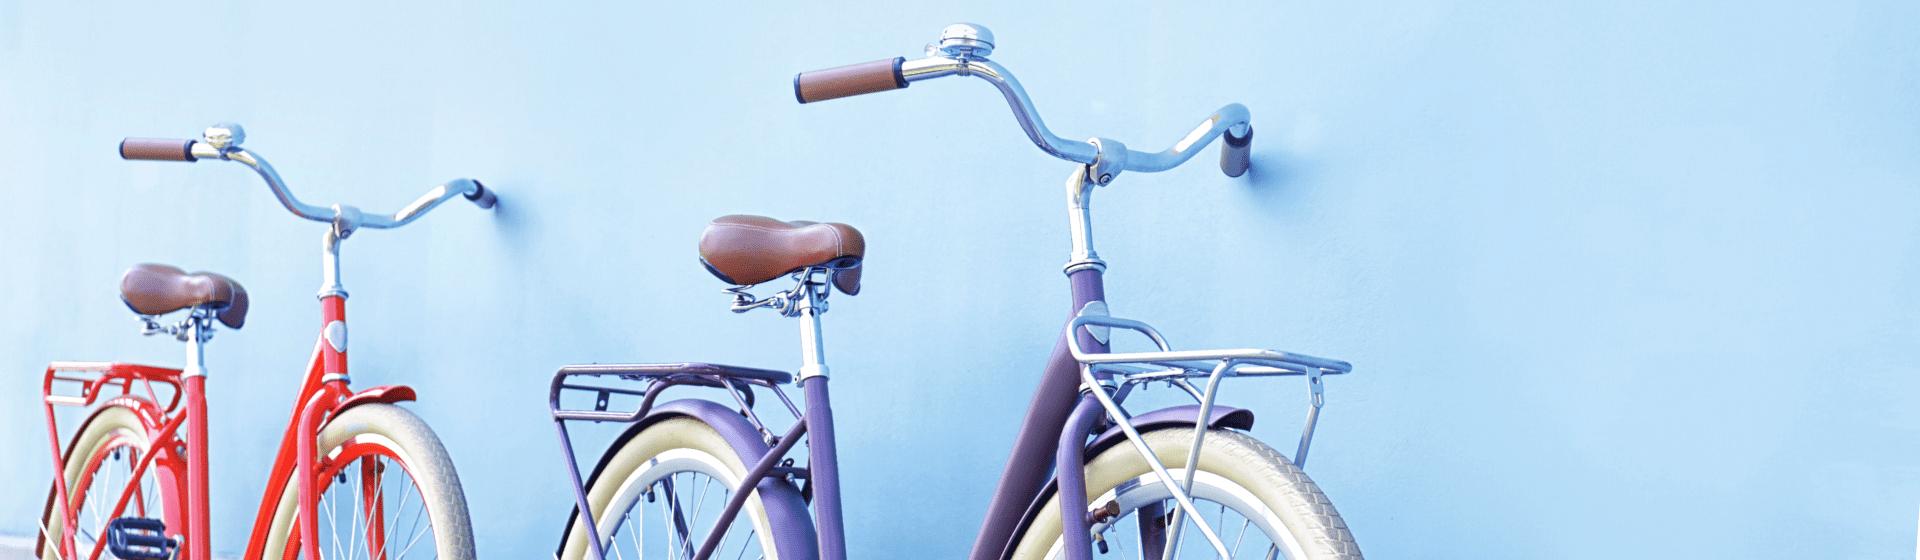 Como escolher a bicicleta ideal?